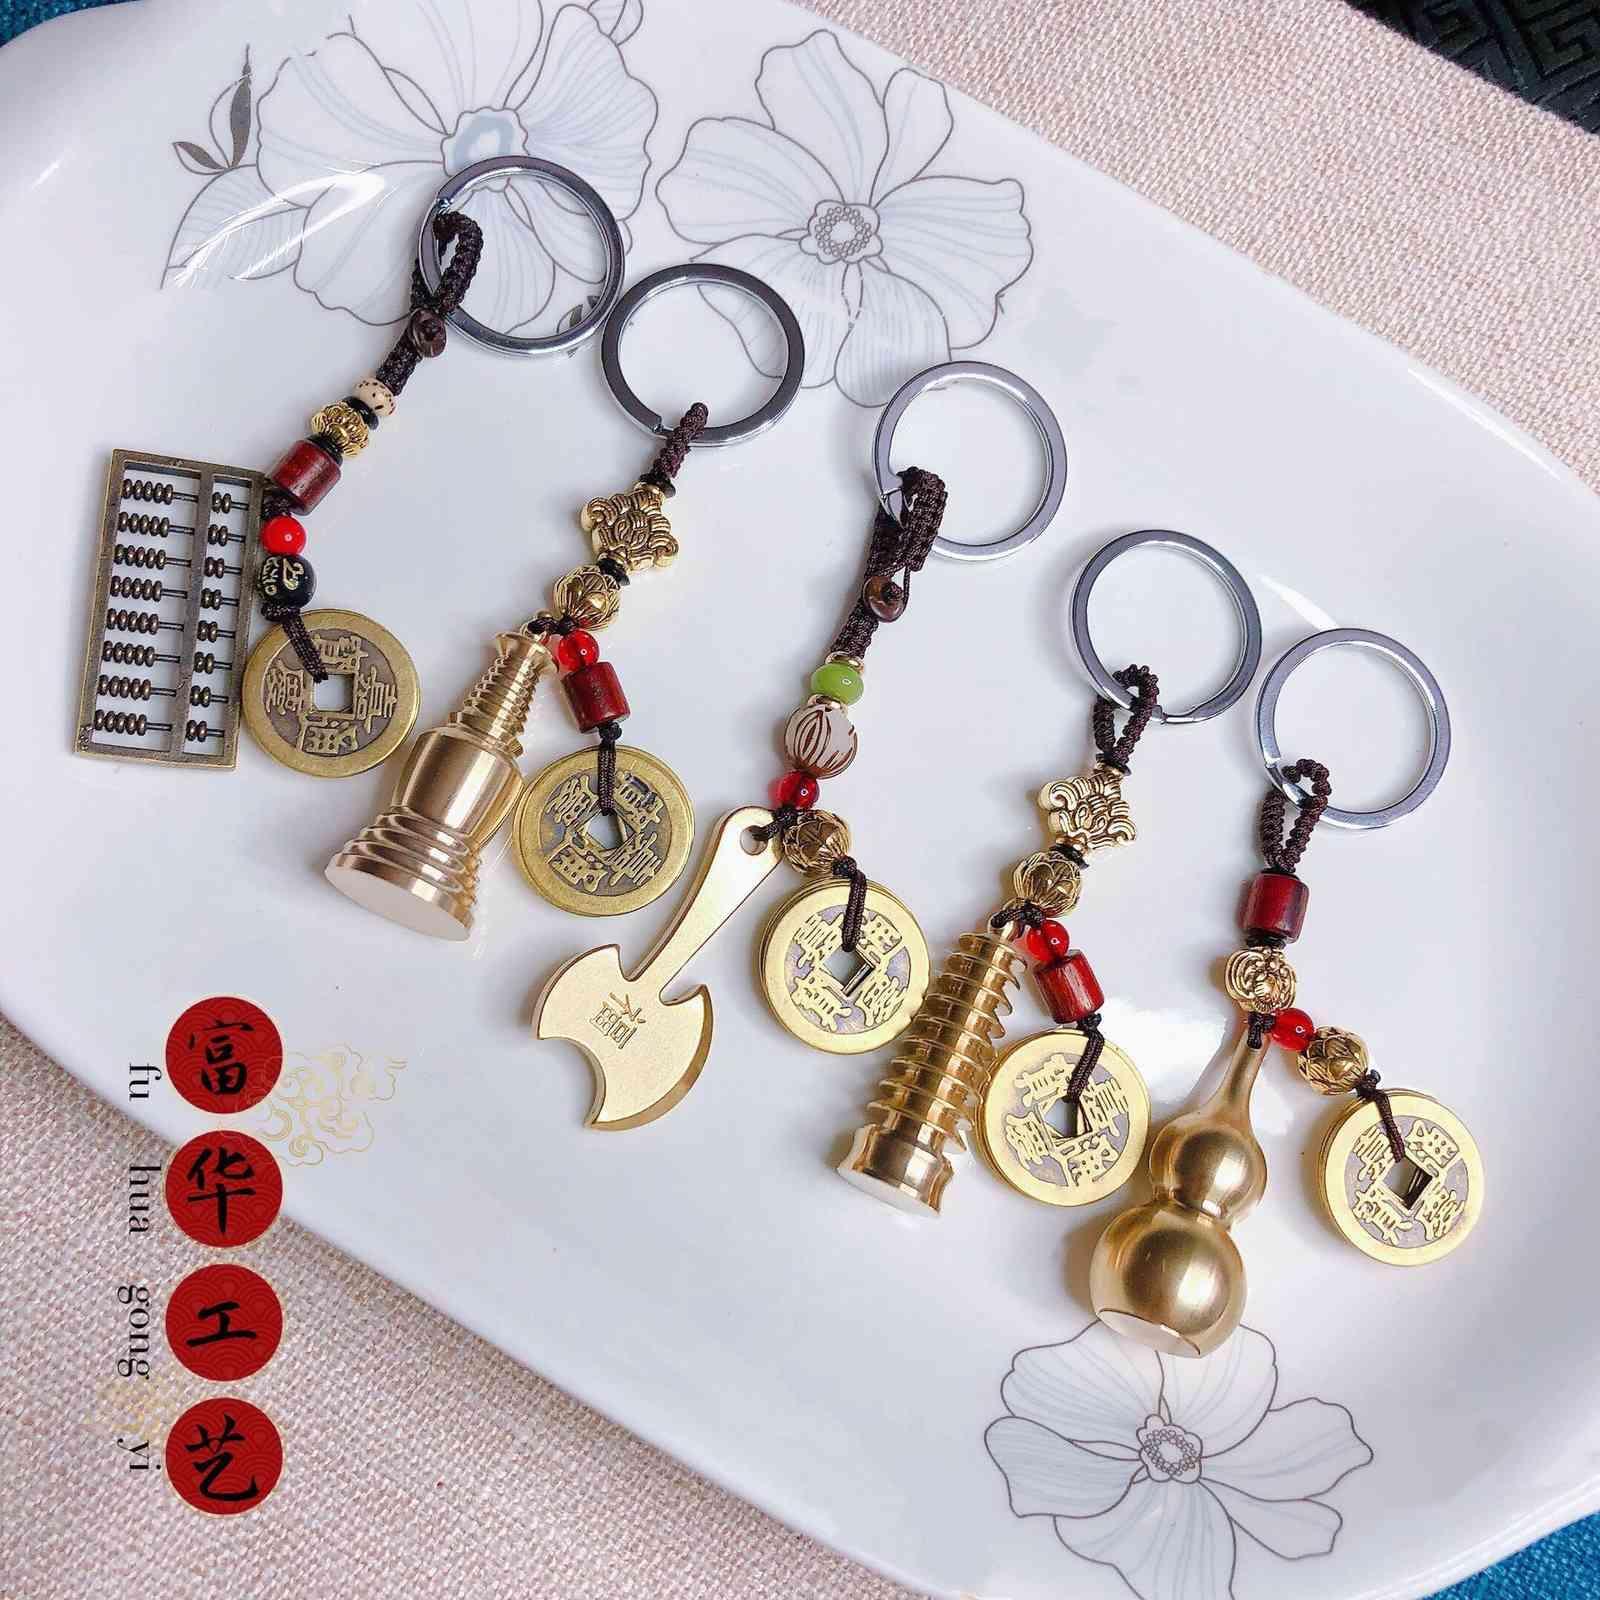 Accessoires de pendentif Gourd en cuivre Yiwu Petite chaîne de la chaîne de clés de marchandises